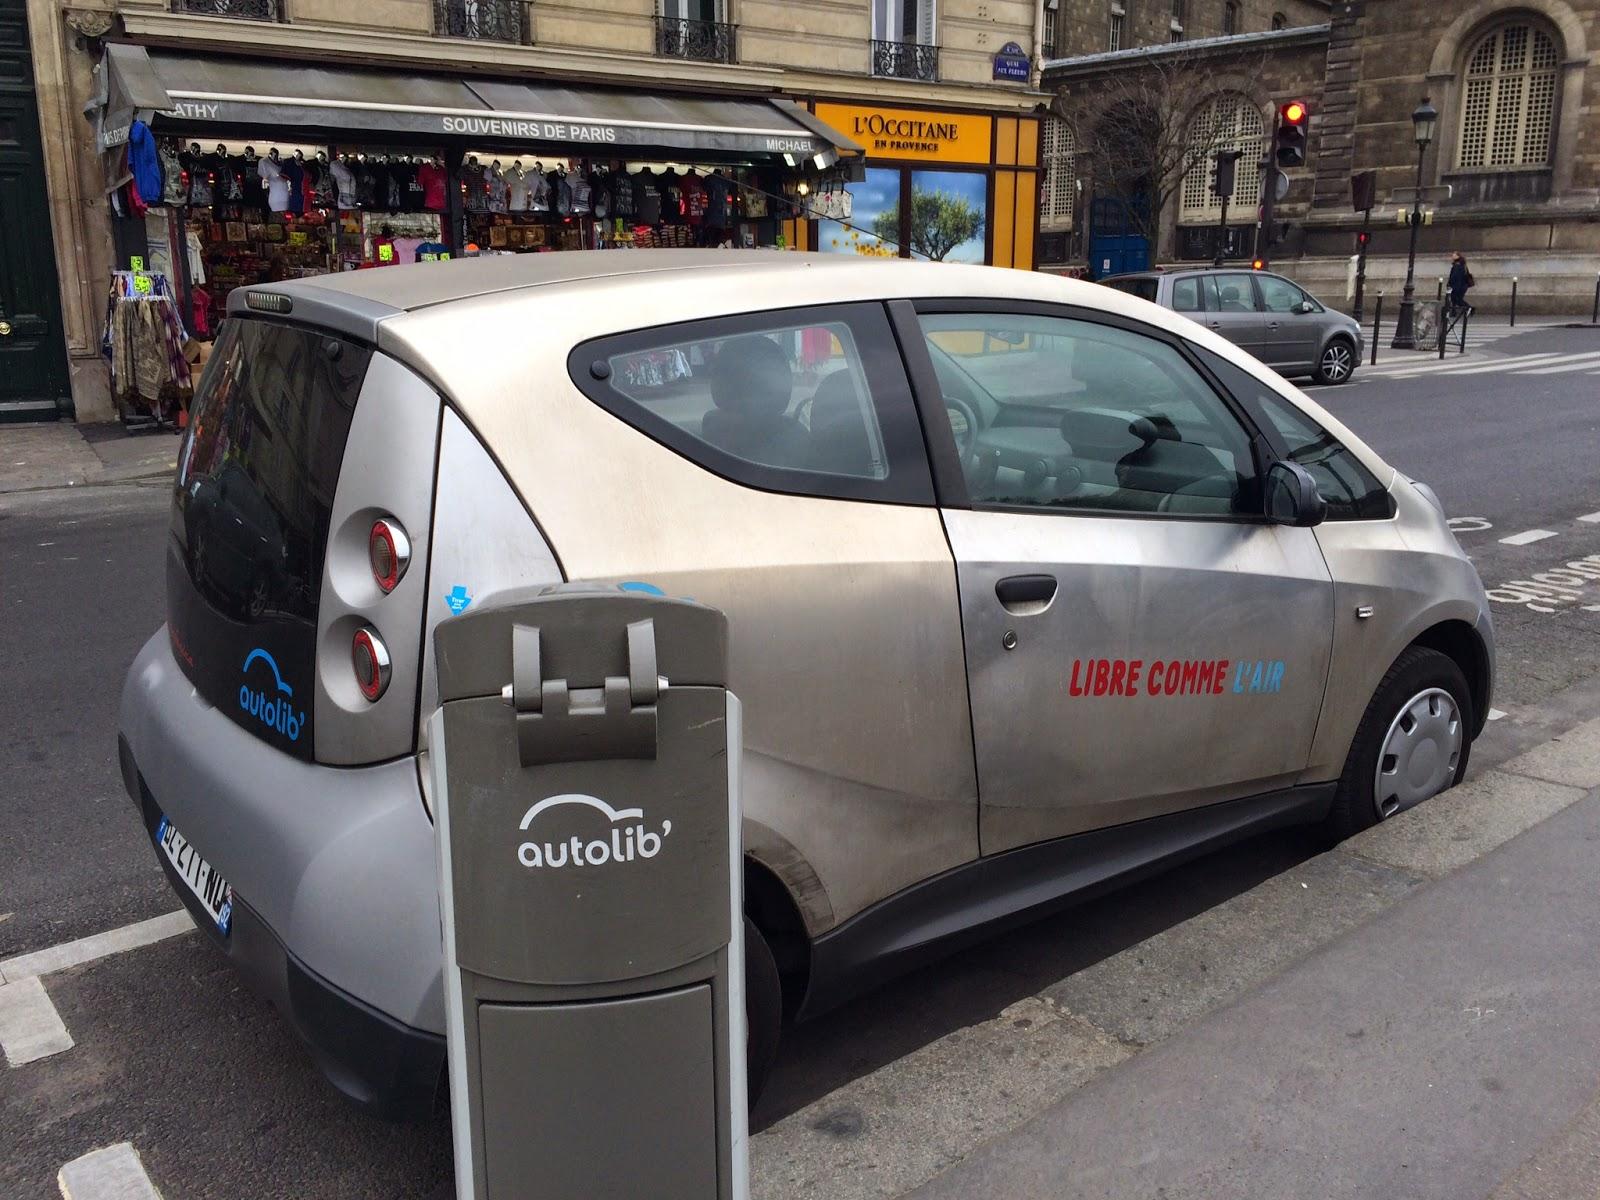 Pic of electric car recharging in Paris street